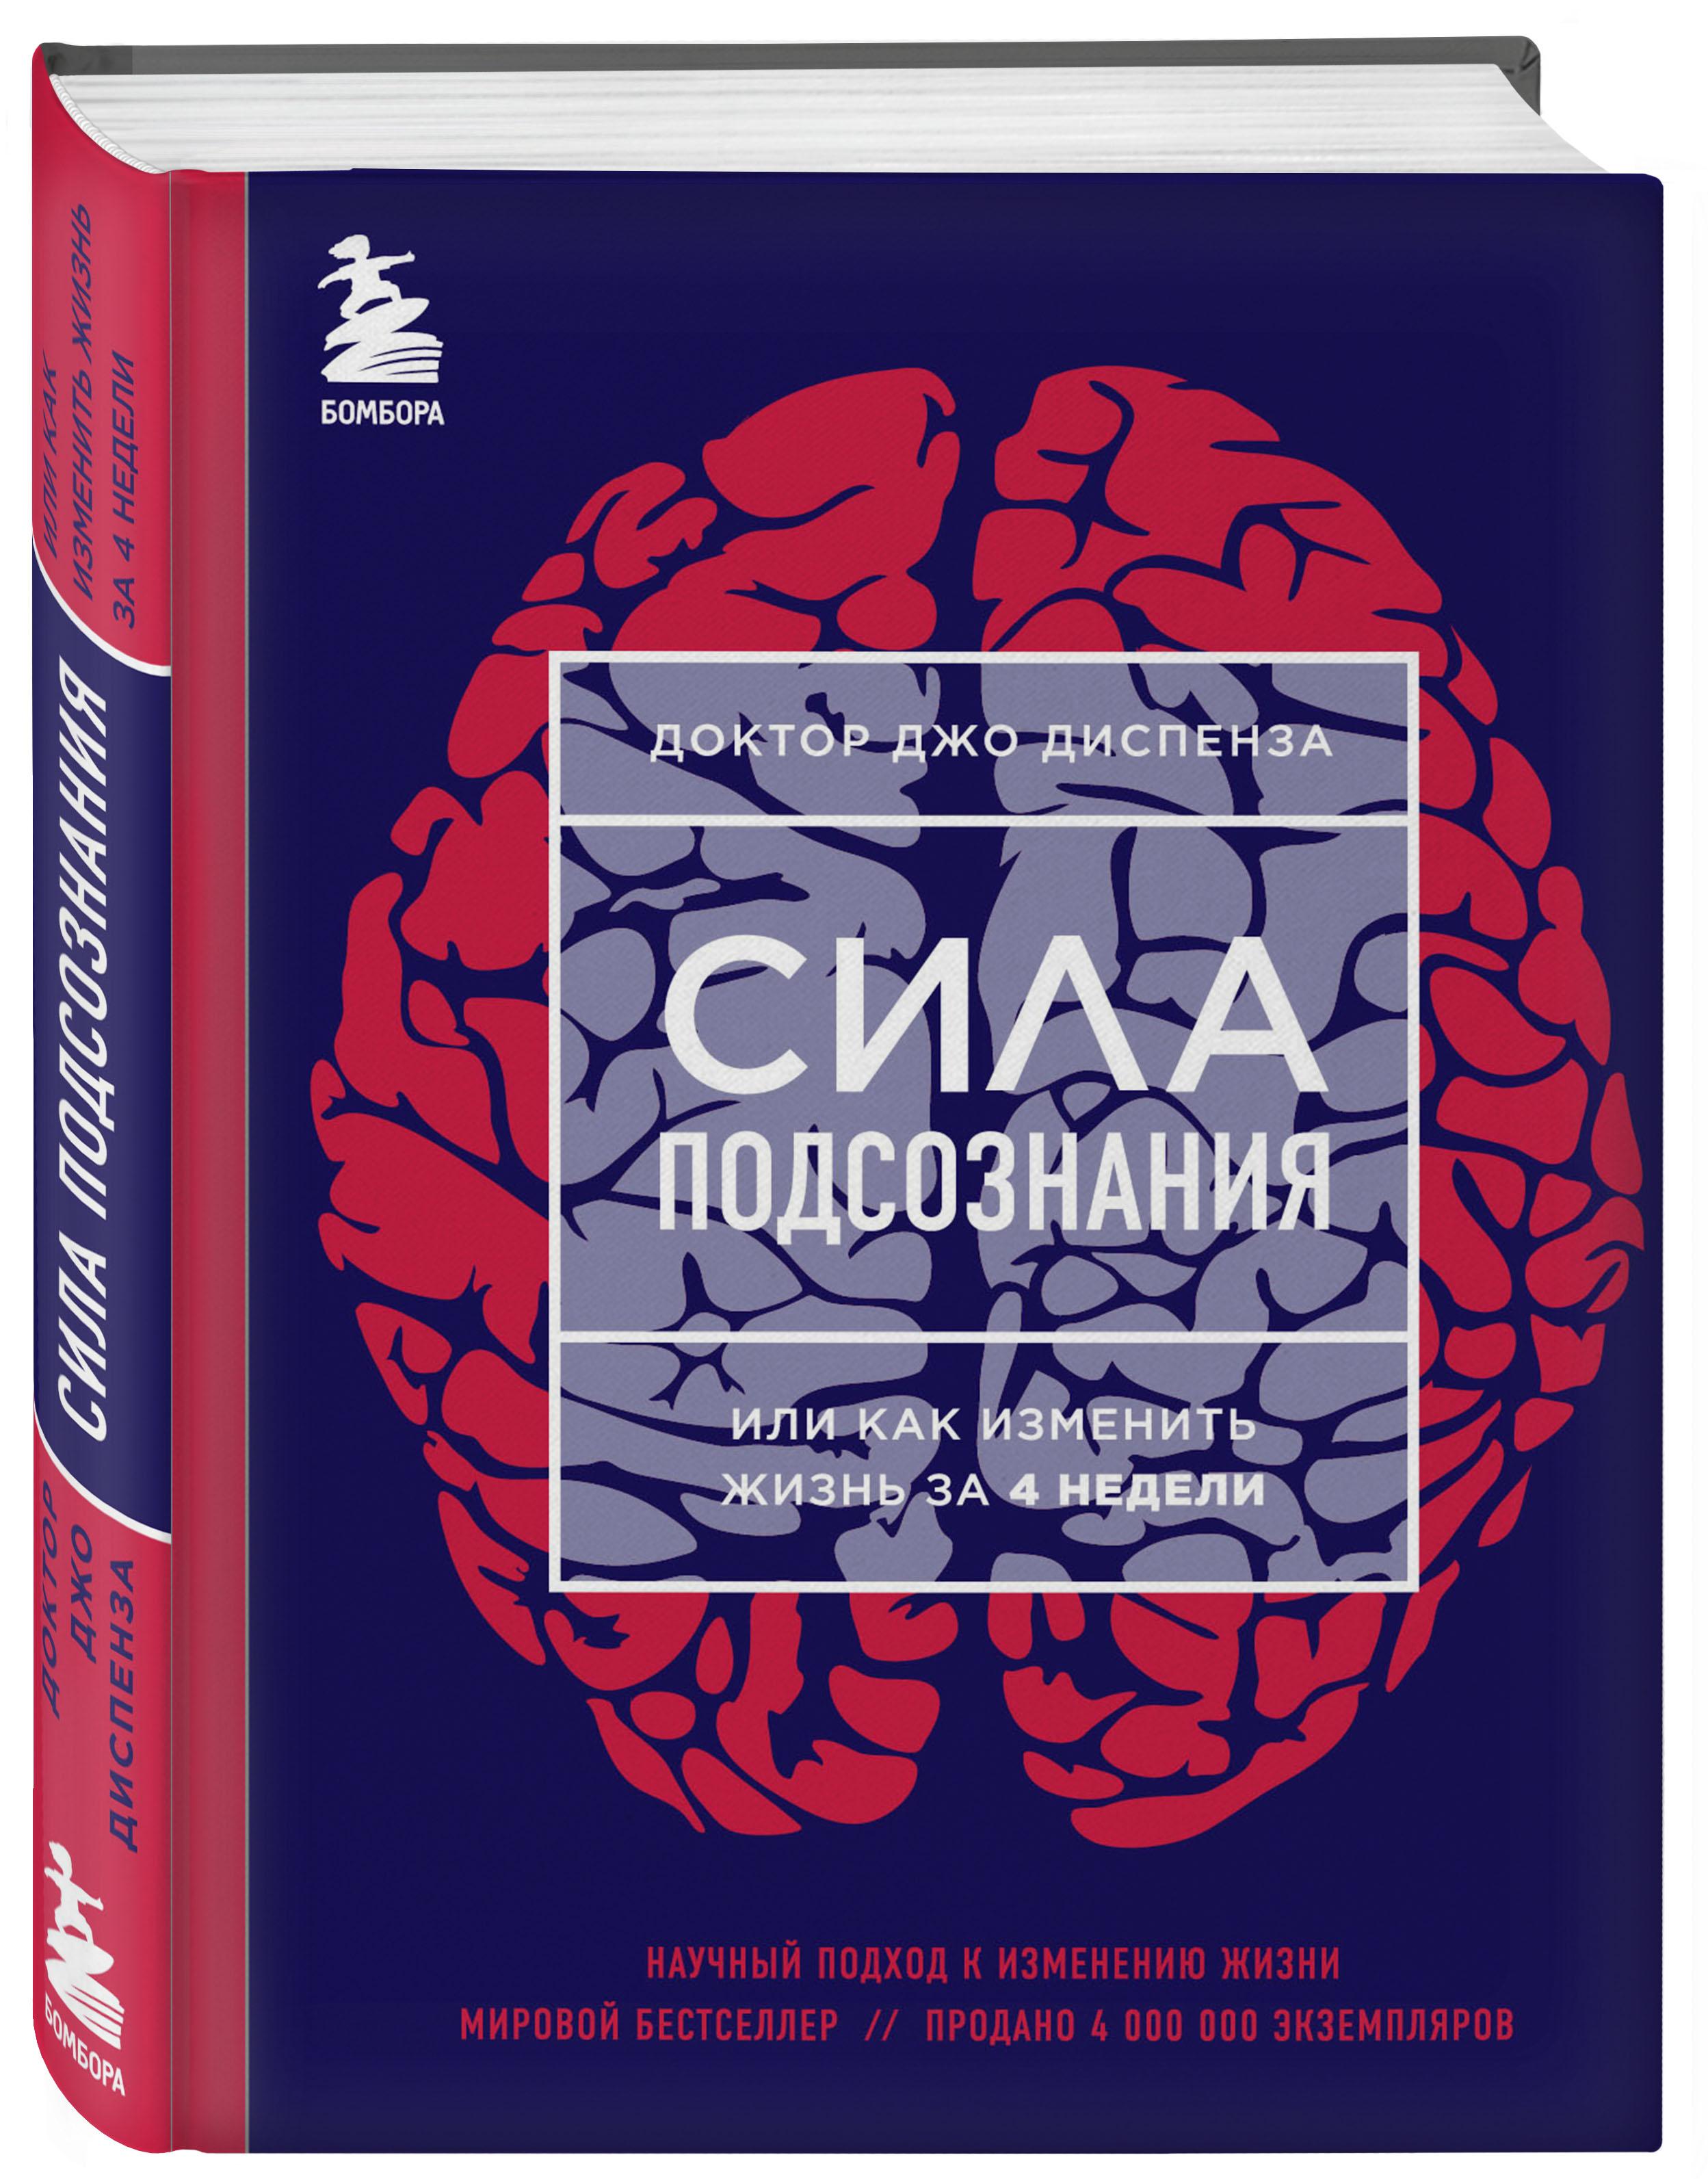 Джо Диспенза Сила подсознания, или Как изменить жизнь за 4 недели (НОВОЕ ОФОРМЛЕНИЕ) александр белов таинственная сила подсознания в лабиринтах мозга